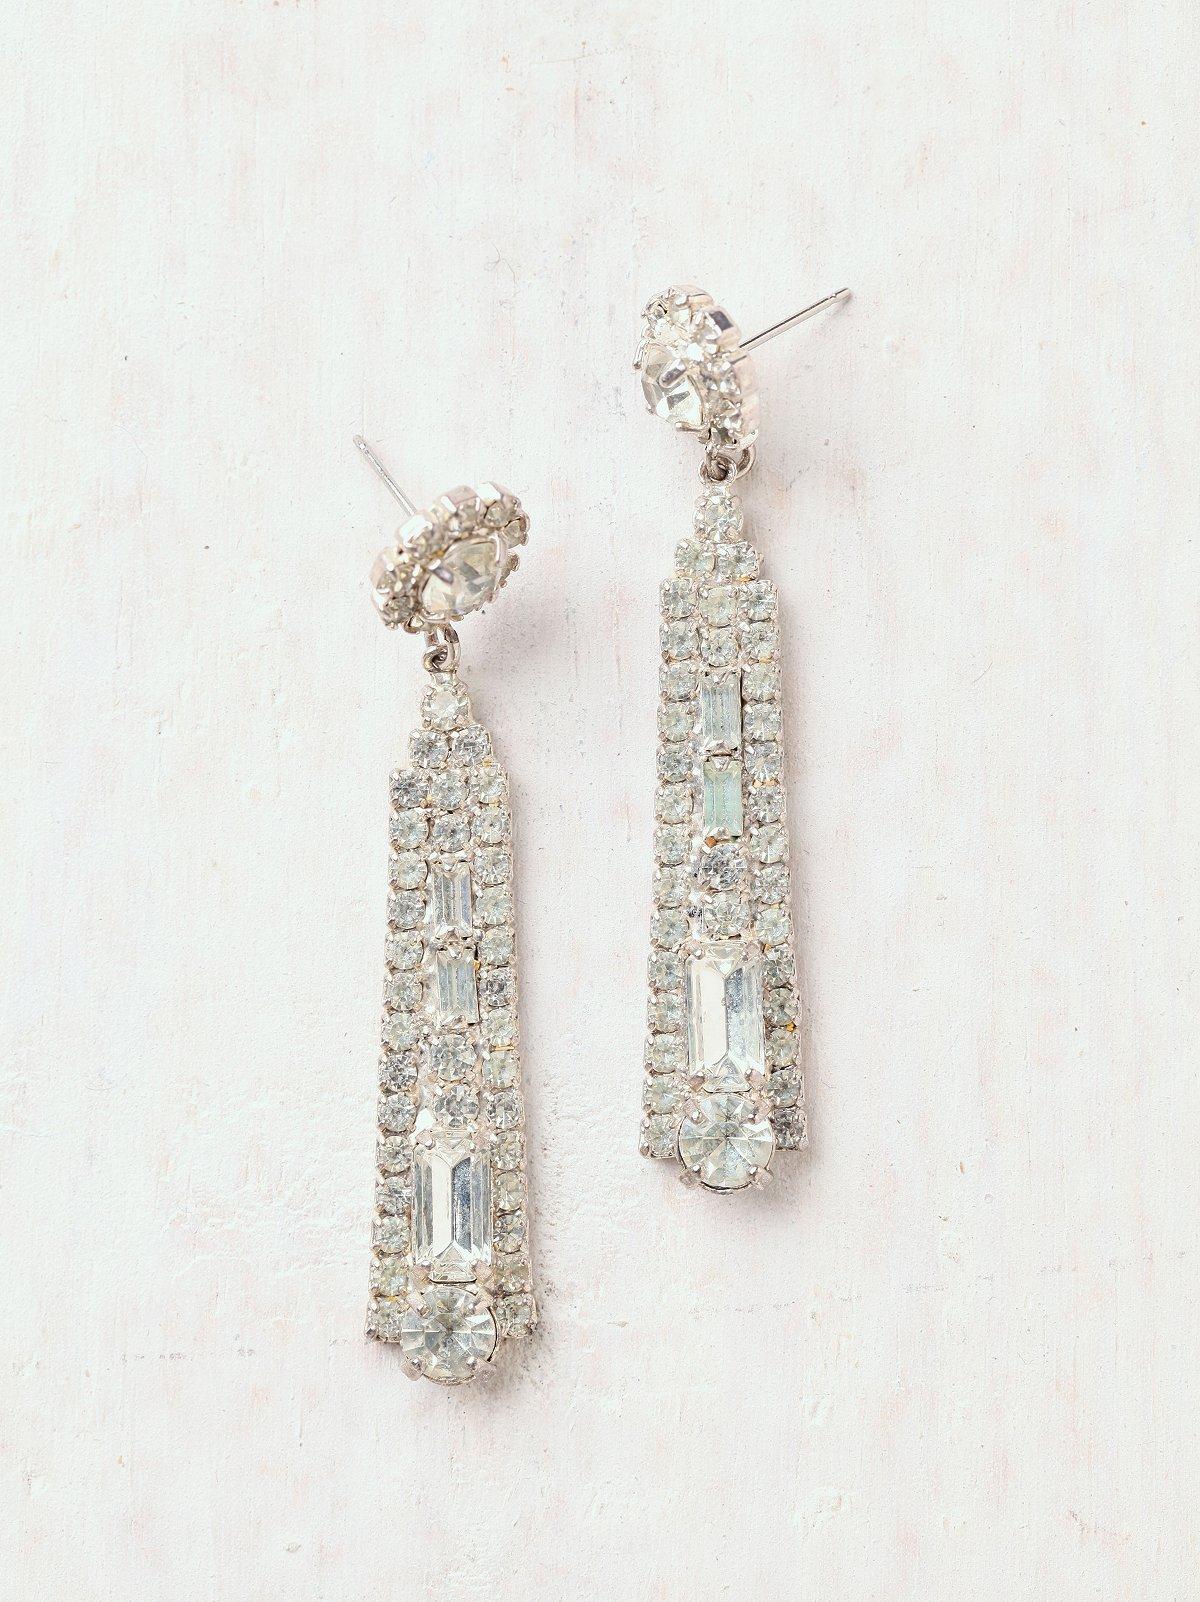 Vintage Rhinestone Paddle Earrings